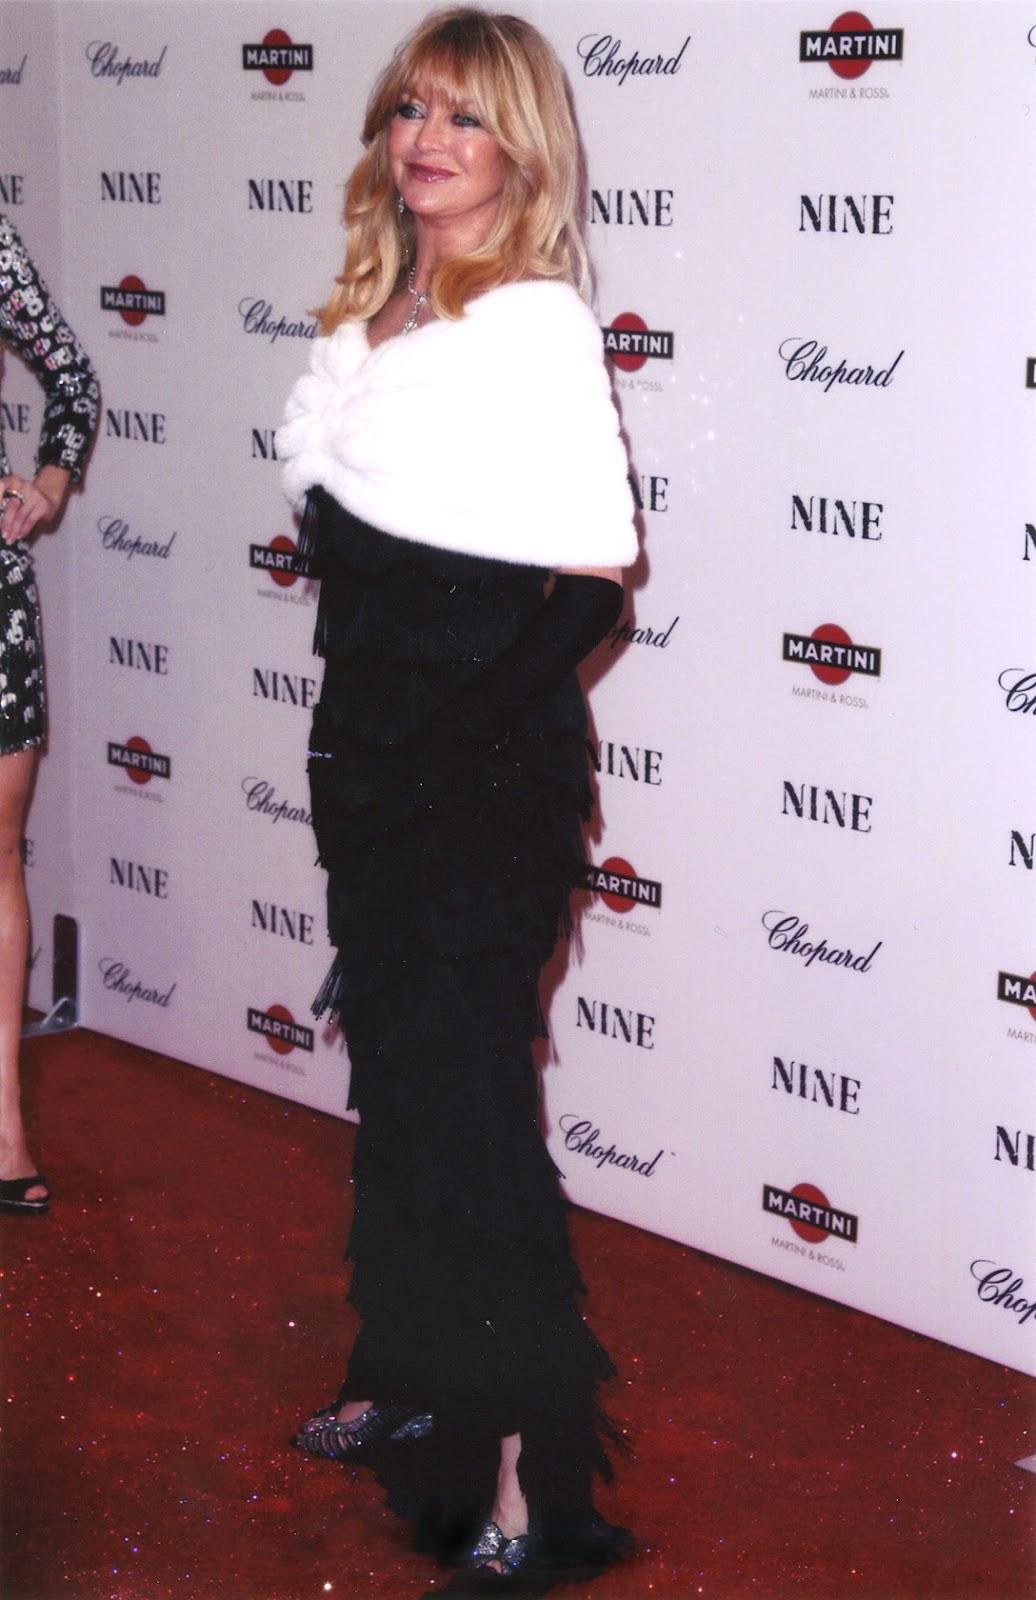 http://4.bp.blogspot.com/-DnIxgwNnLP8/T1kGKxnamoI/AAAAAAAAASA/Vwp3Tq51V4Q/s1600/Goldie+Hawn+red+carpet+Nine+Premiere+New+York.jpg